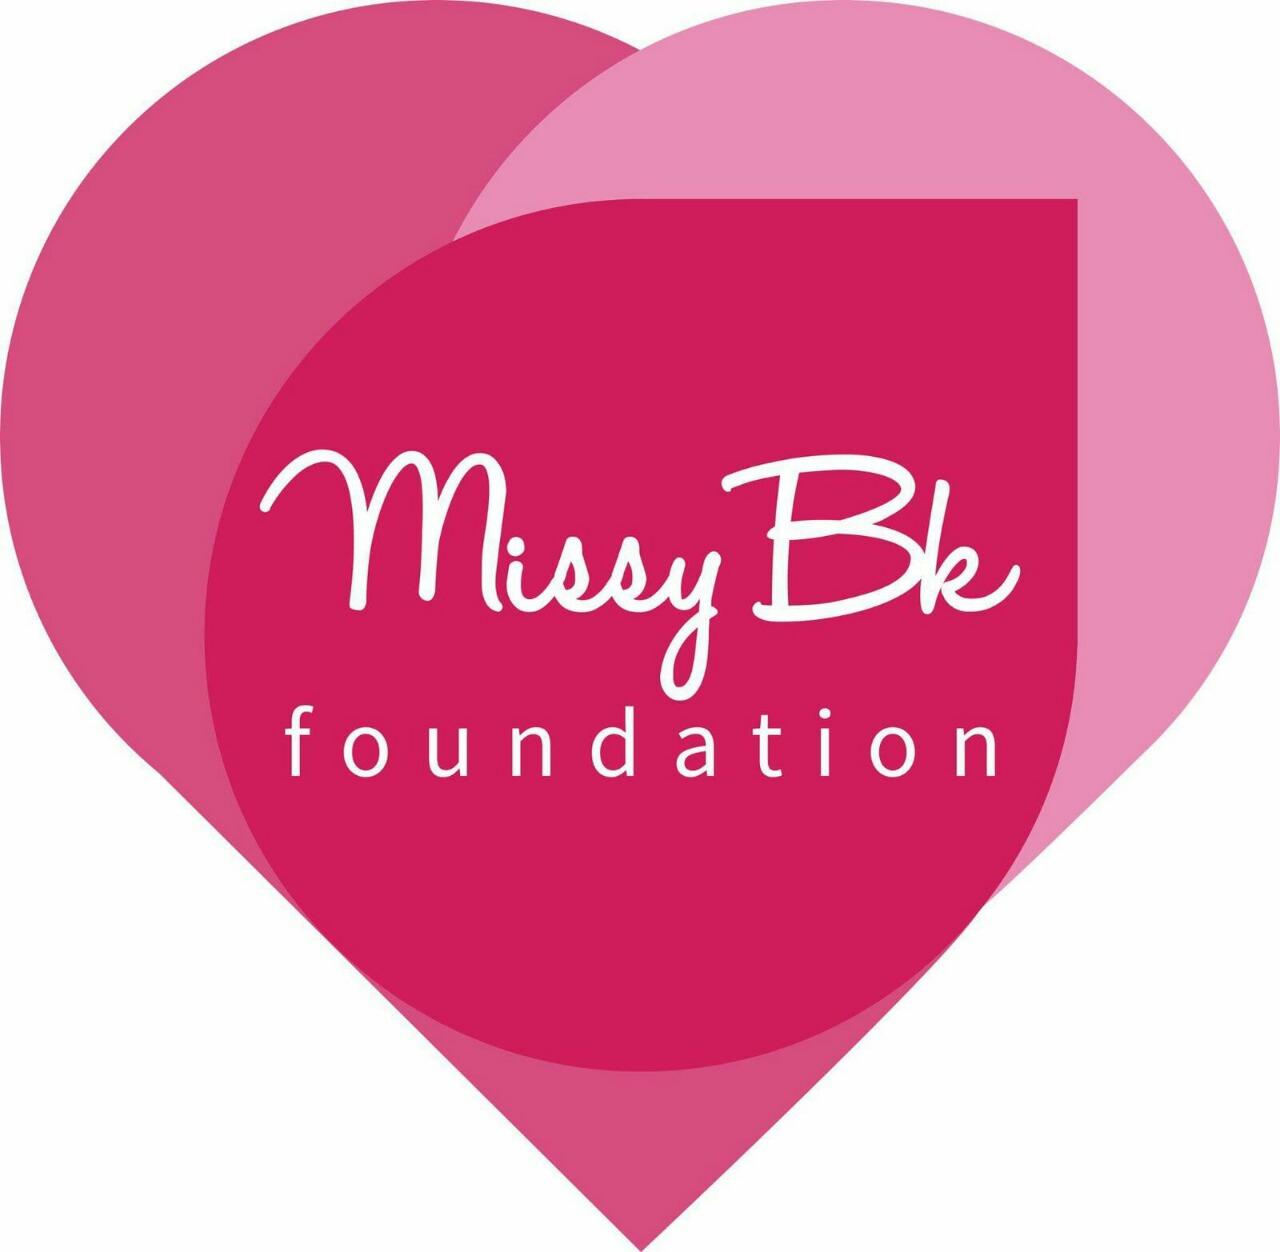 MISSY BK FOUNDATION